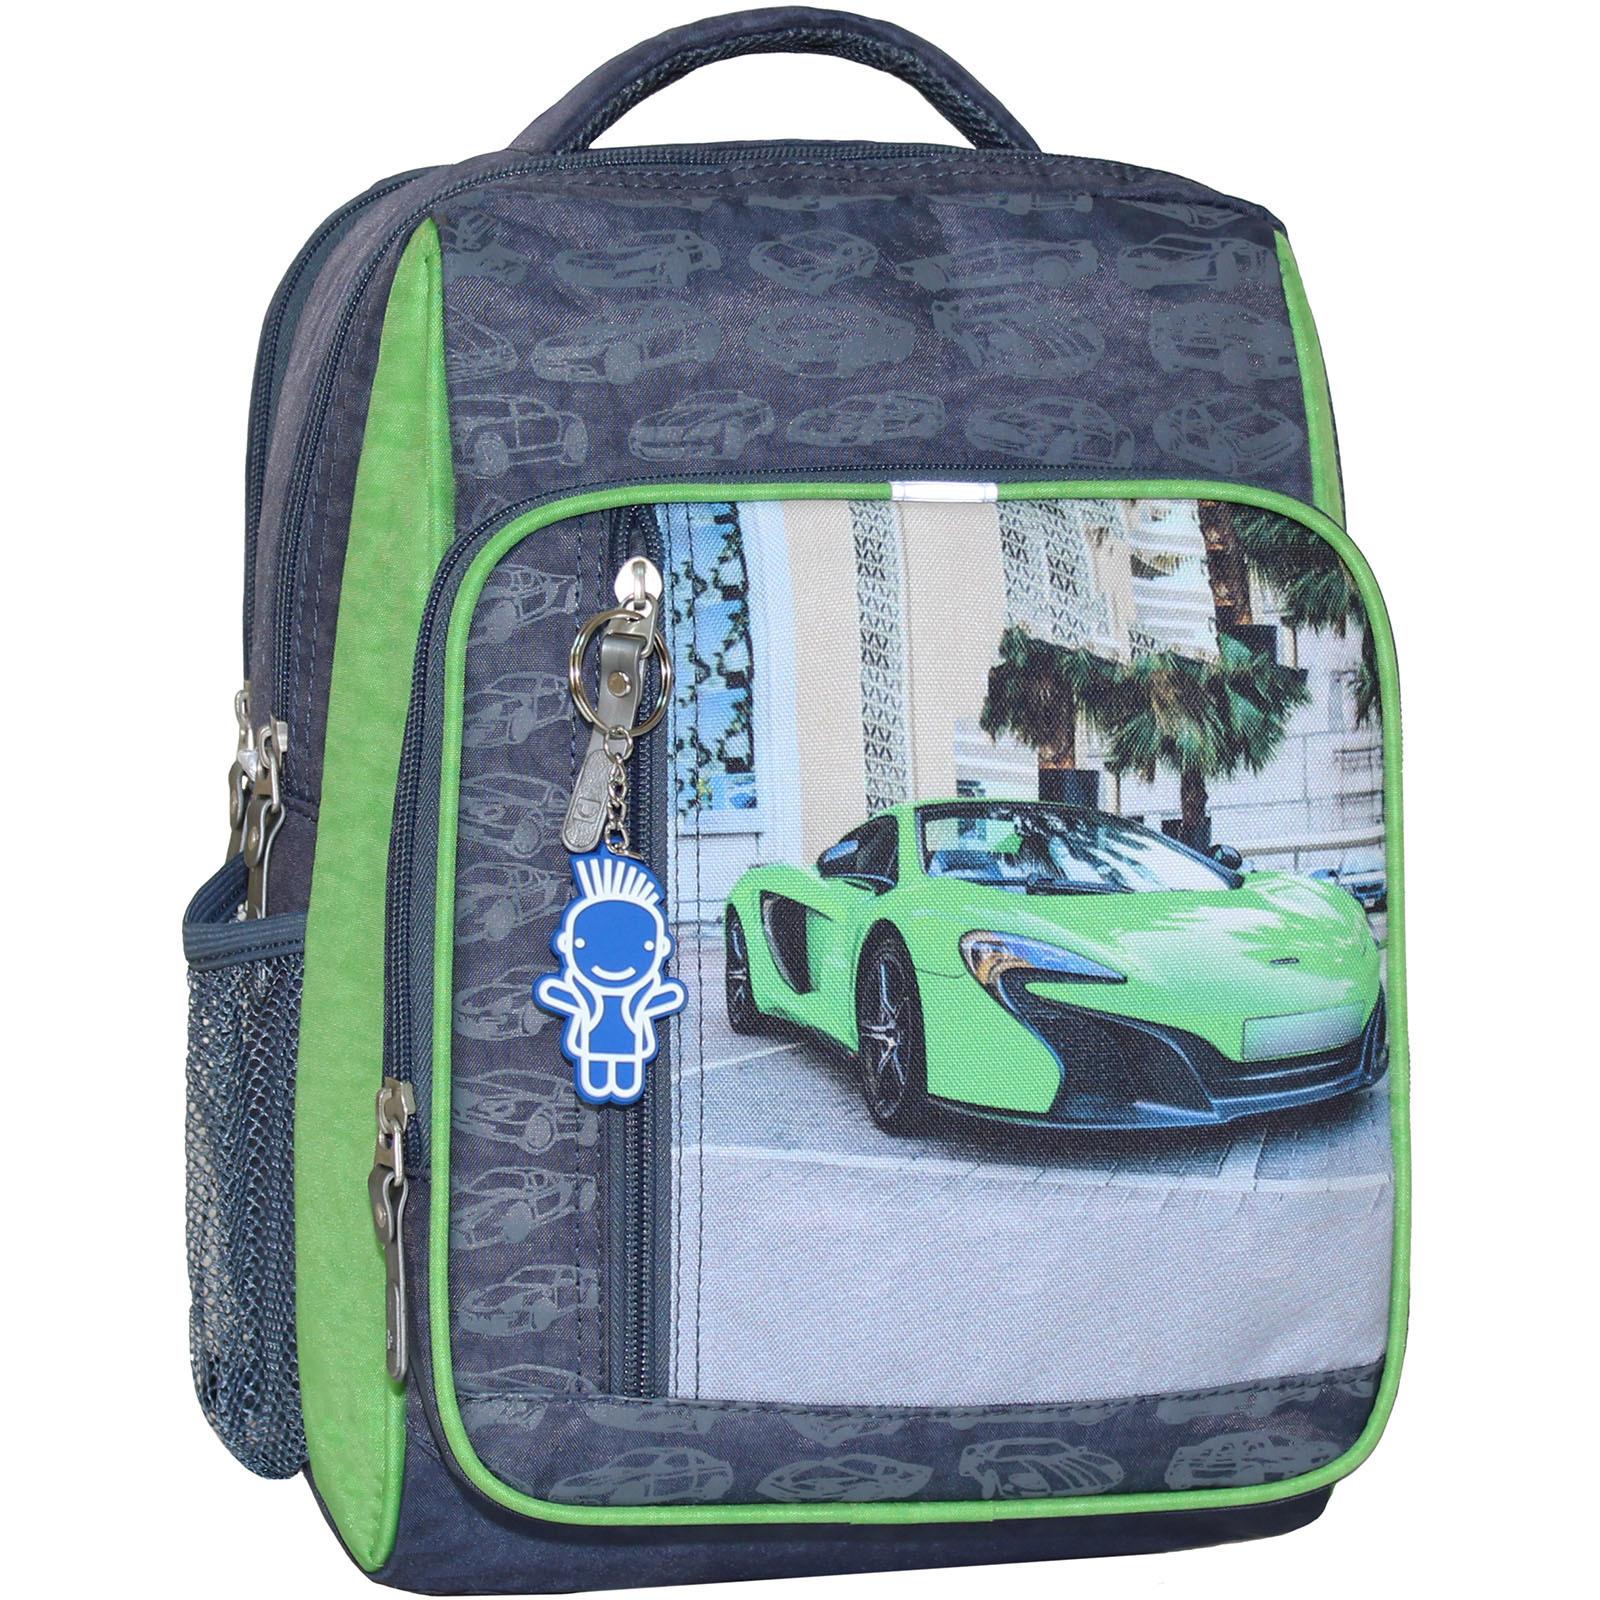 Школьные рюкзаки Рюкзак школьный Bagland Школьник 8 л. 321 серый 20м (0012870) IMG_4749.JPG